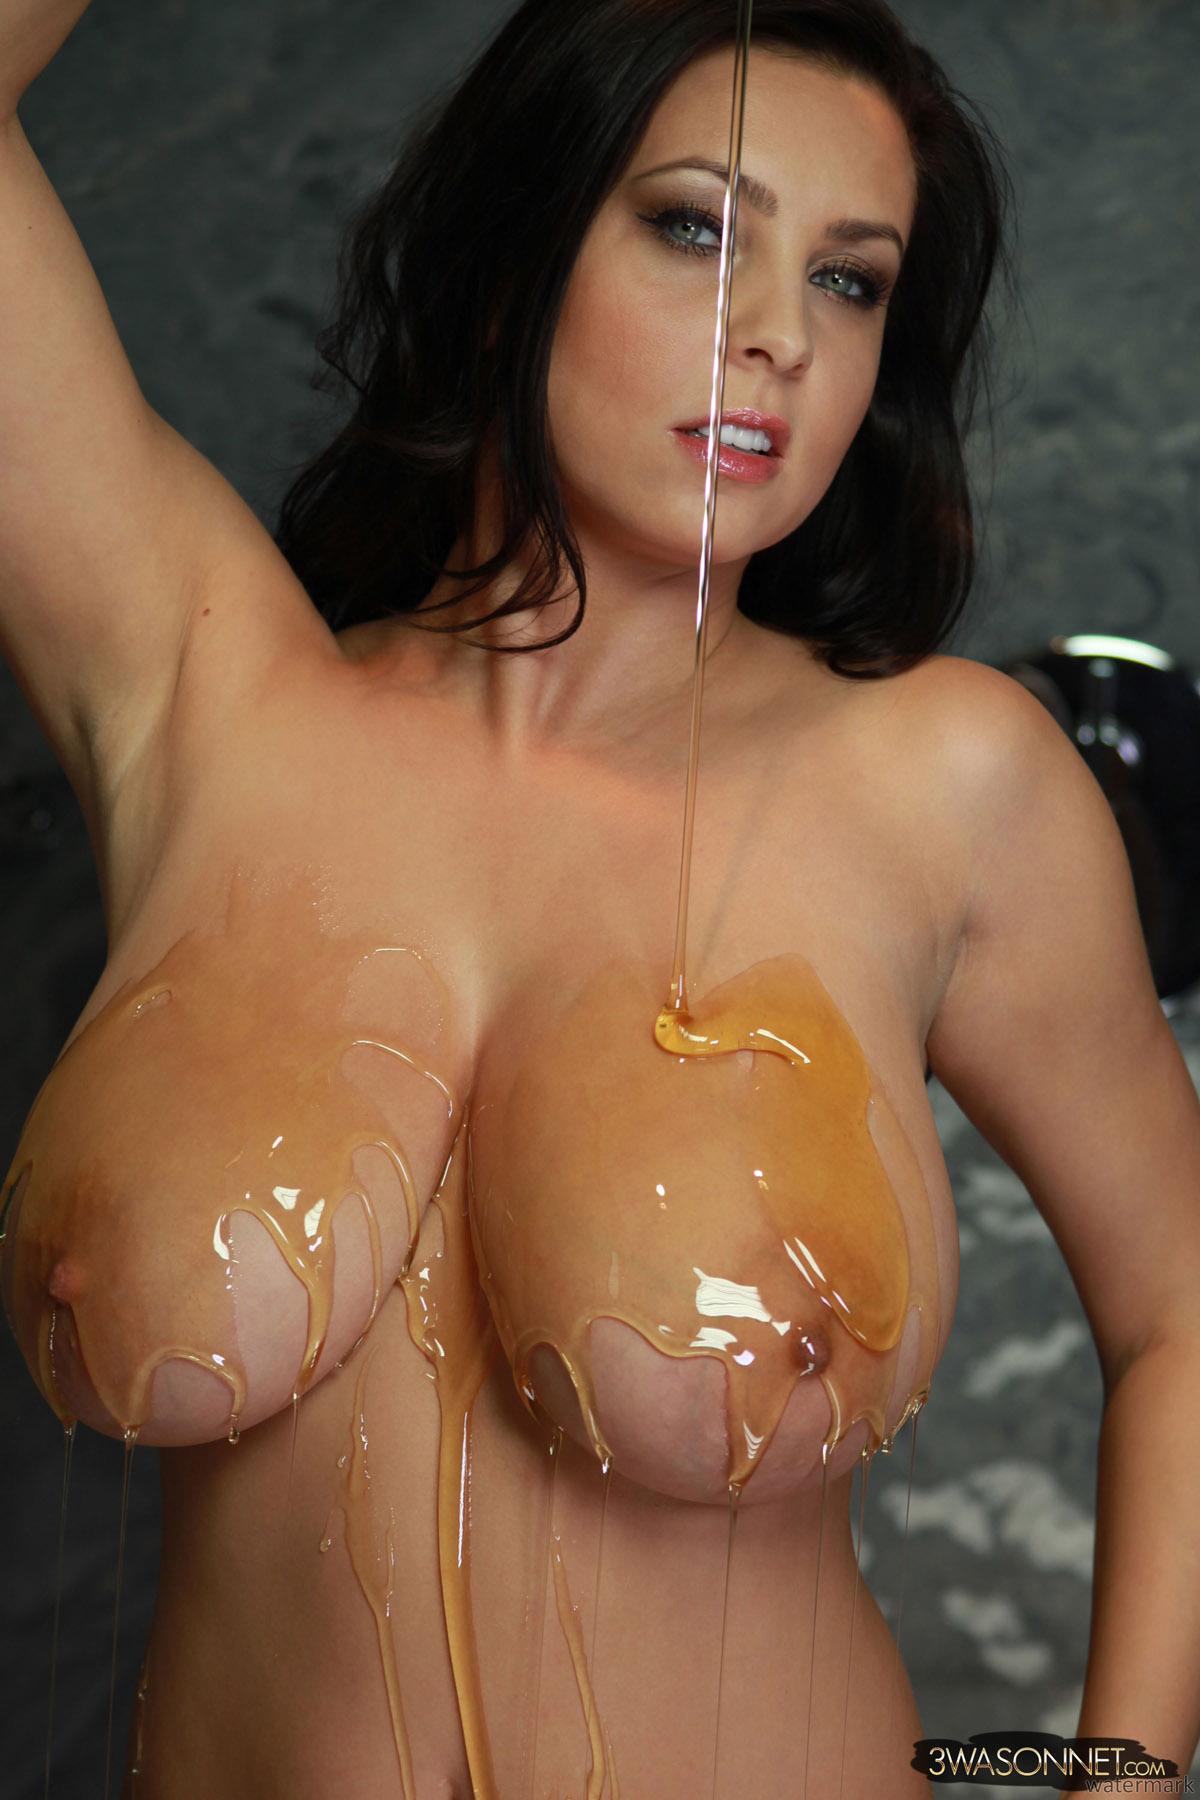 Sucking pussy through a straw